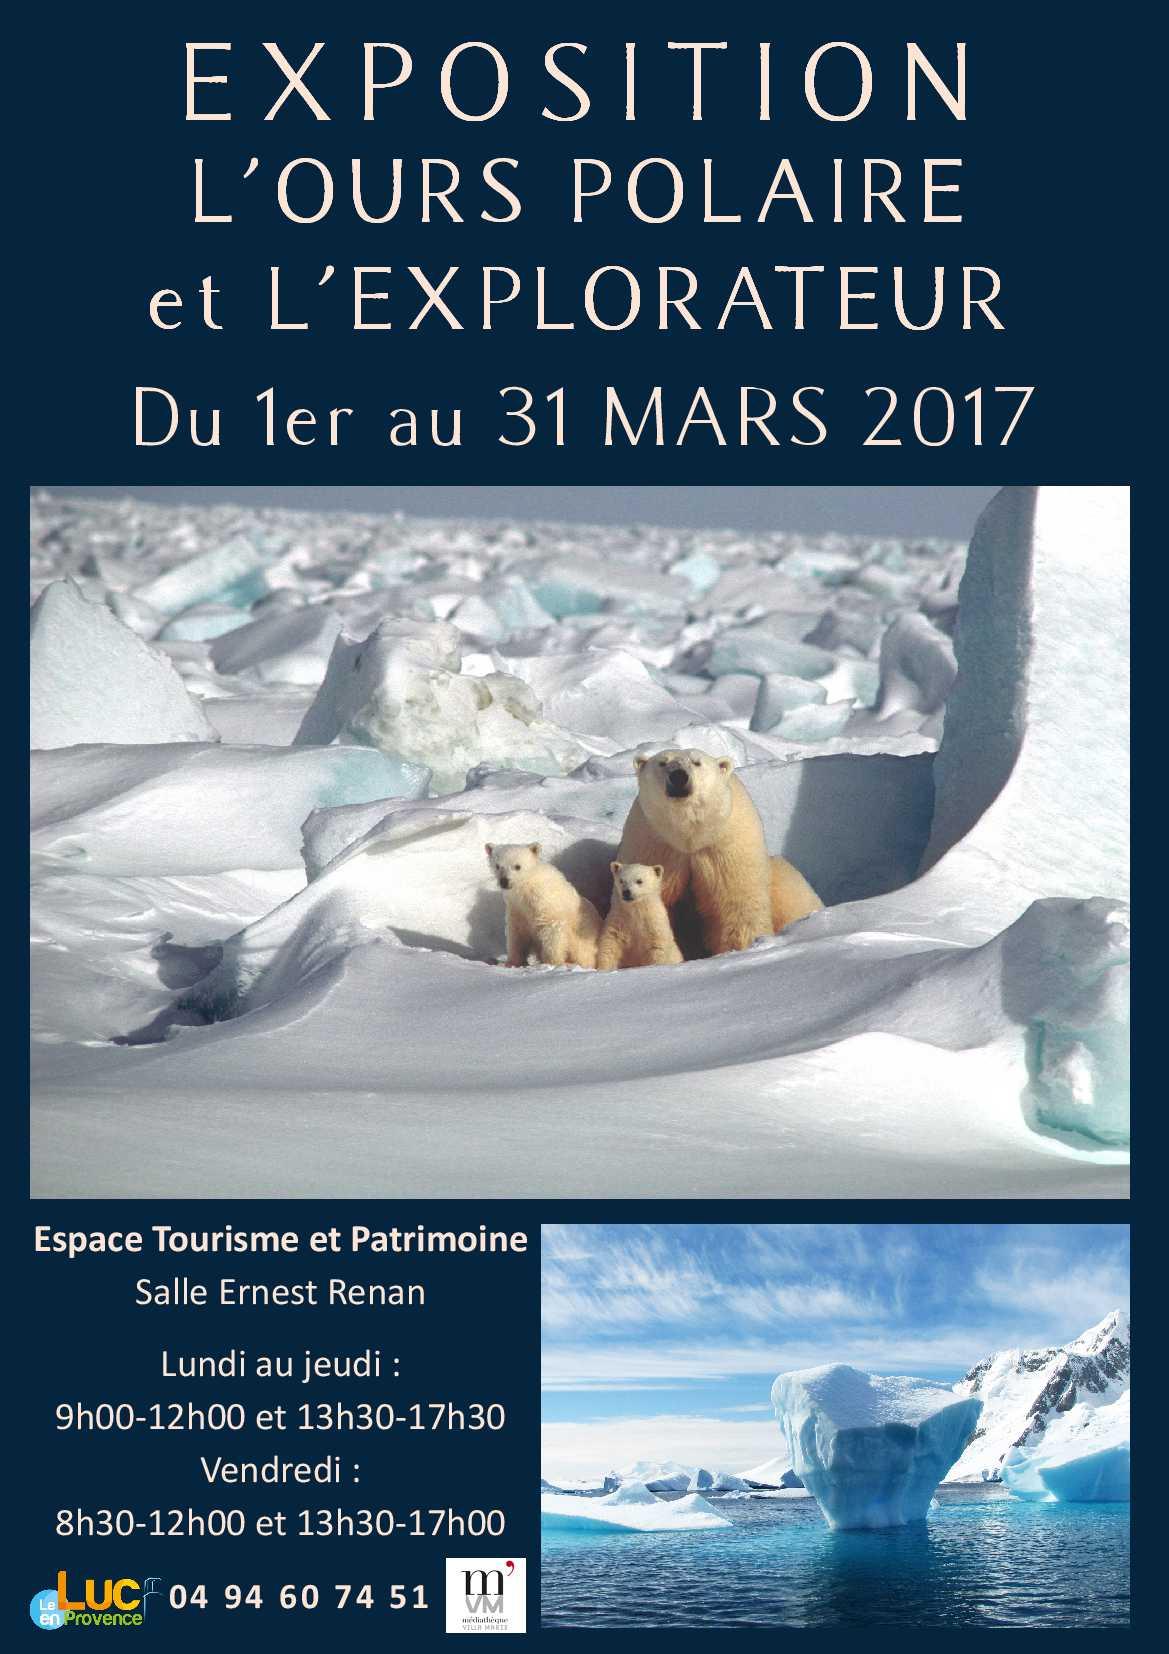 Du 1er au 31 mars, Exposition « L'ours polaire et l'explorateur : sur les traces de Plume et Jean-Louis Etienne »